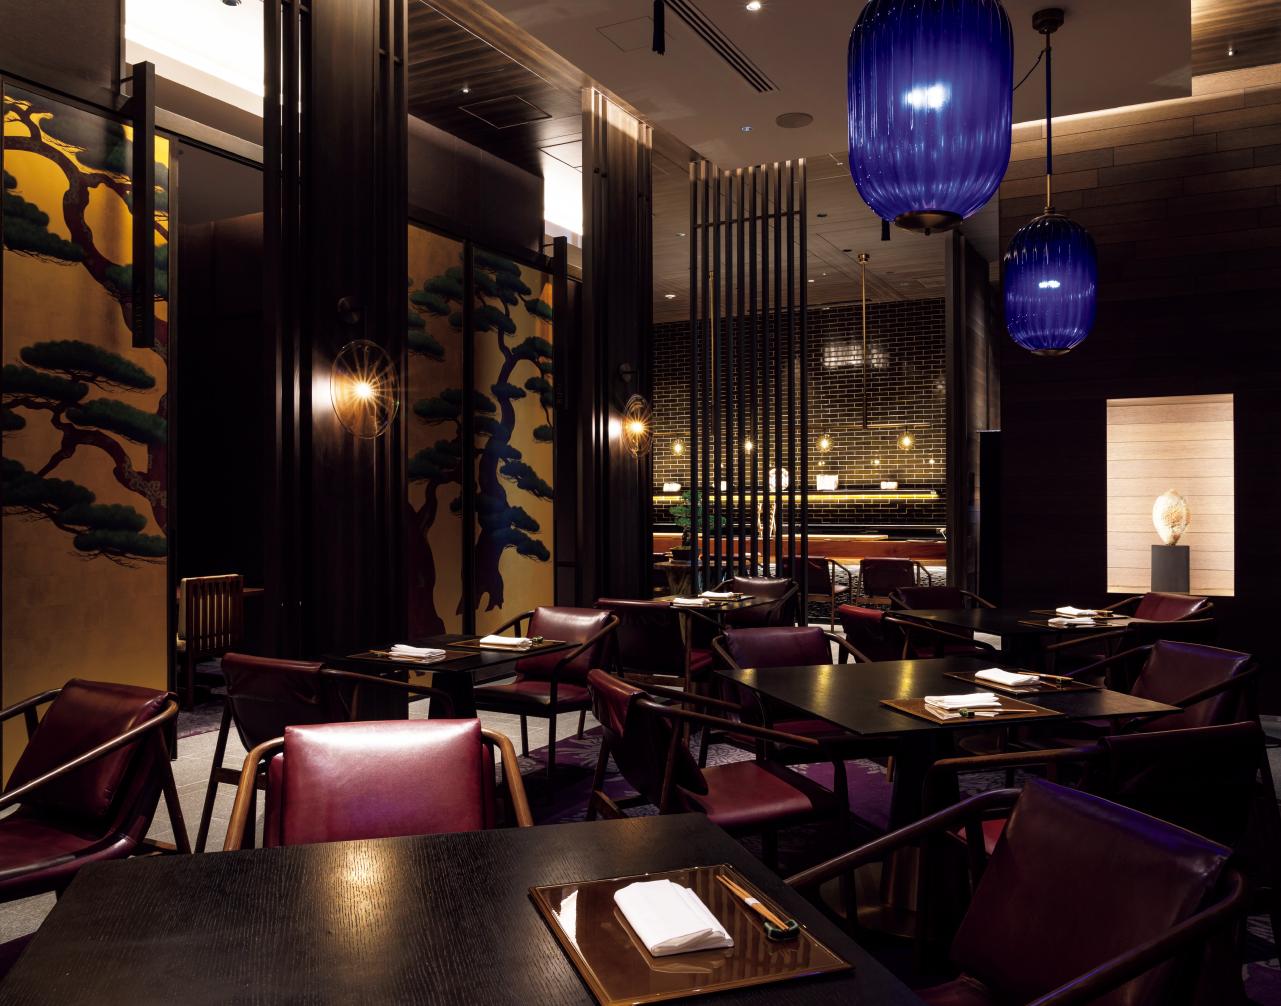 寿司・鉄板焼き・会席の3つのスタイルを提供する日本料理「校倉」